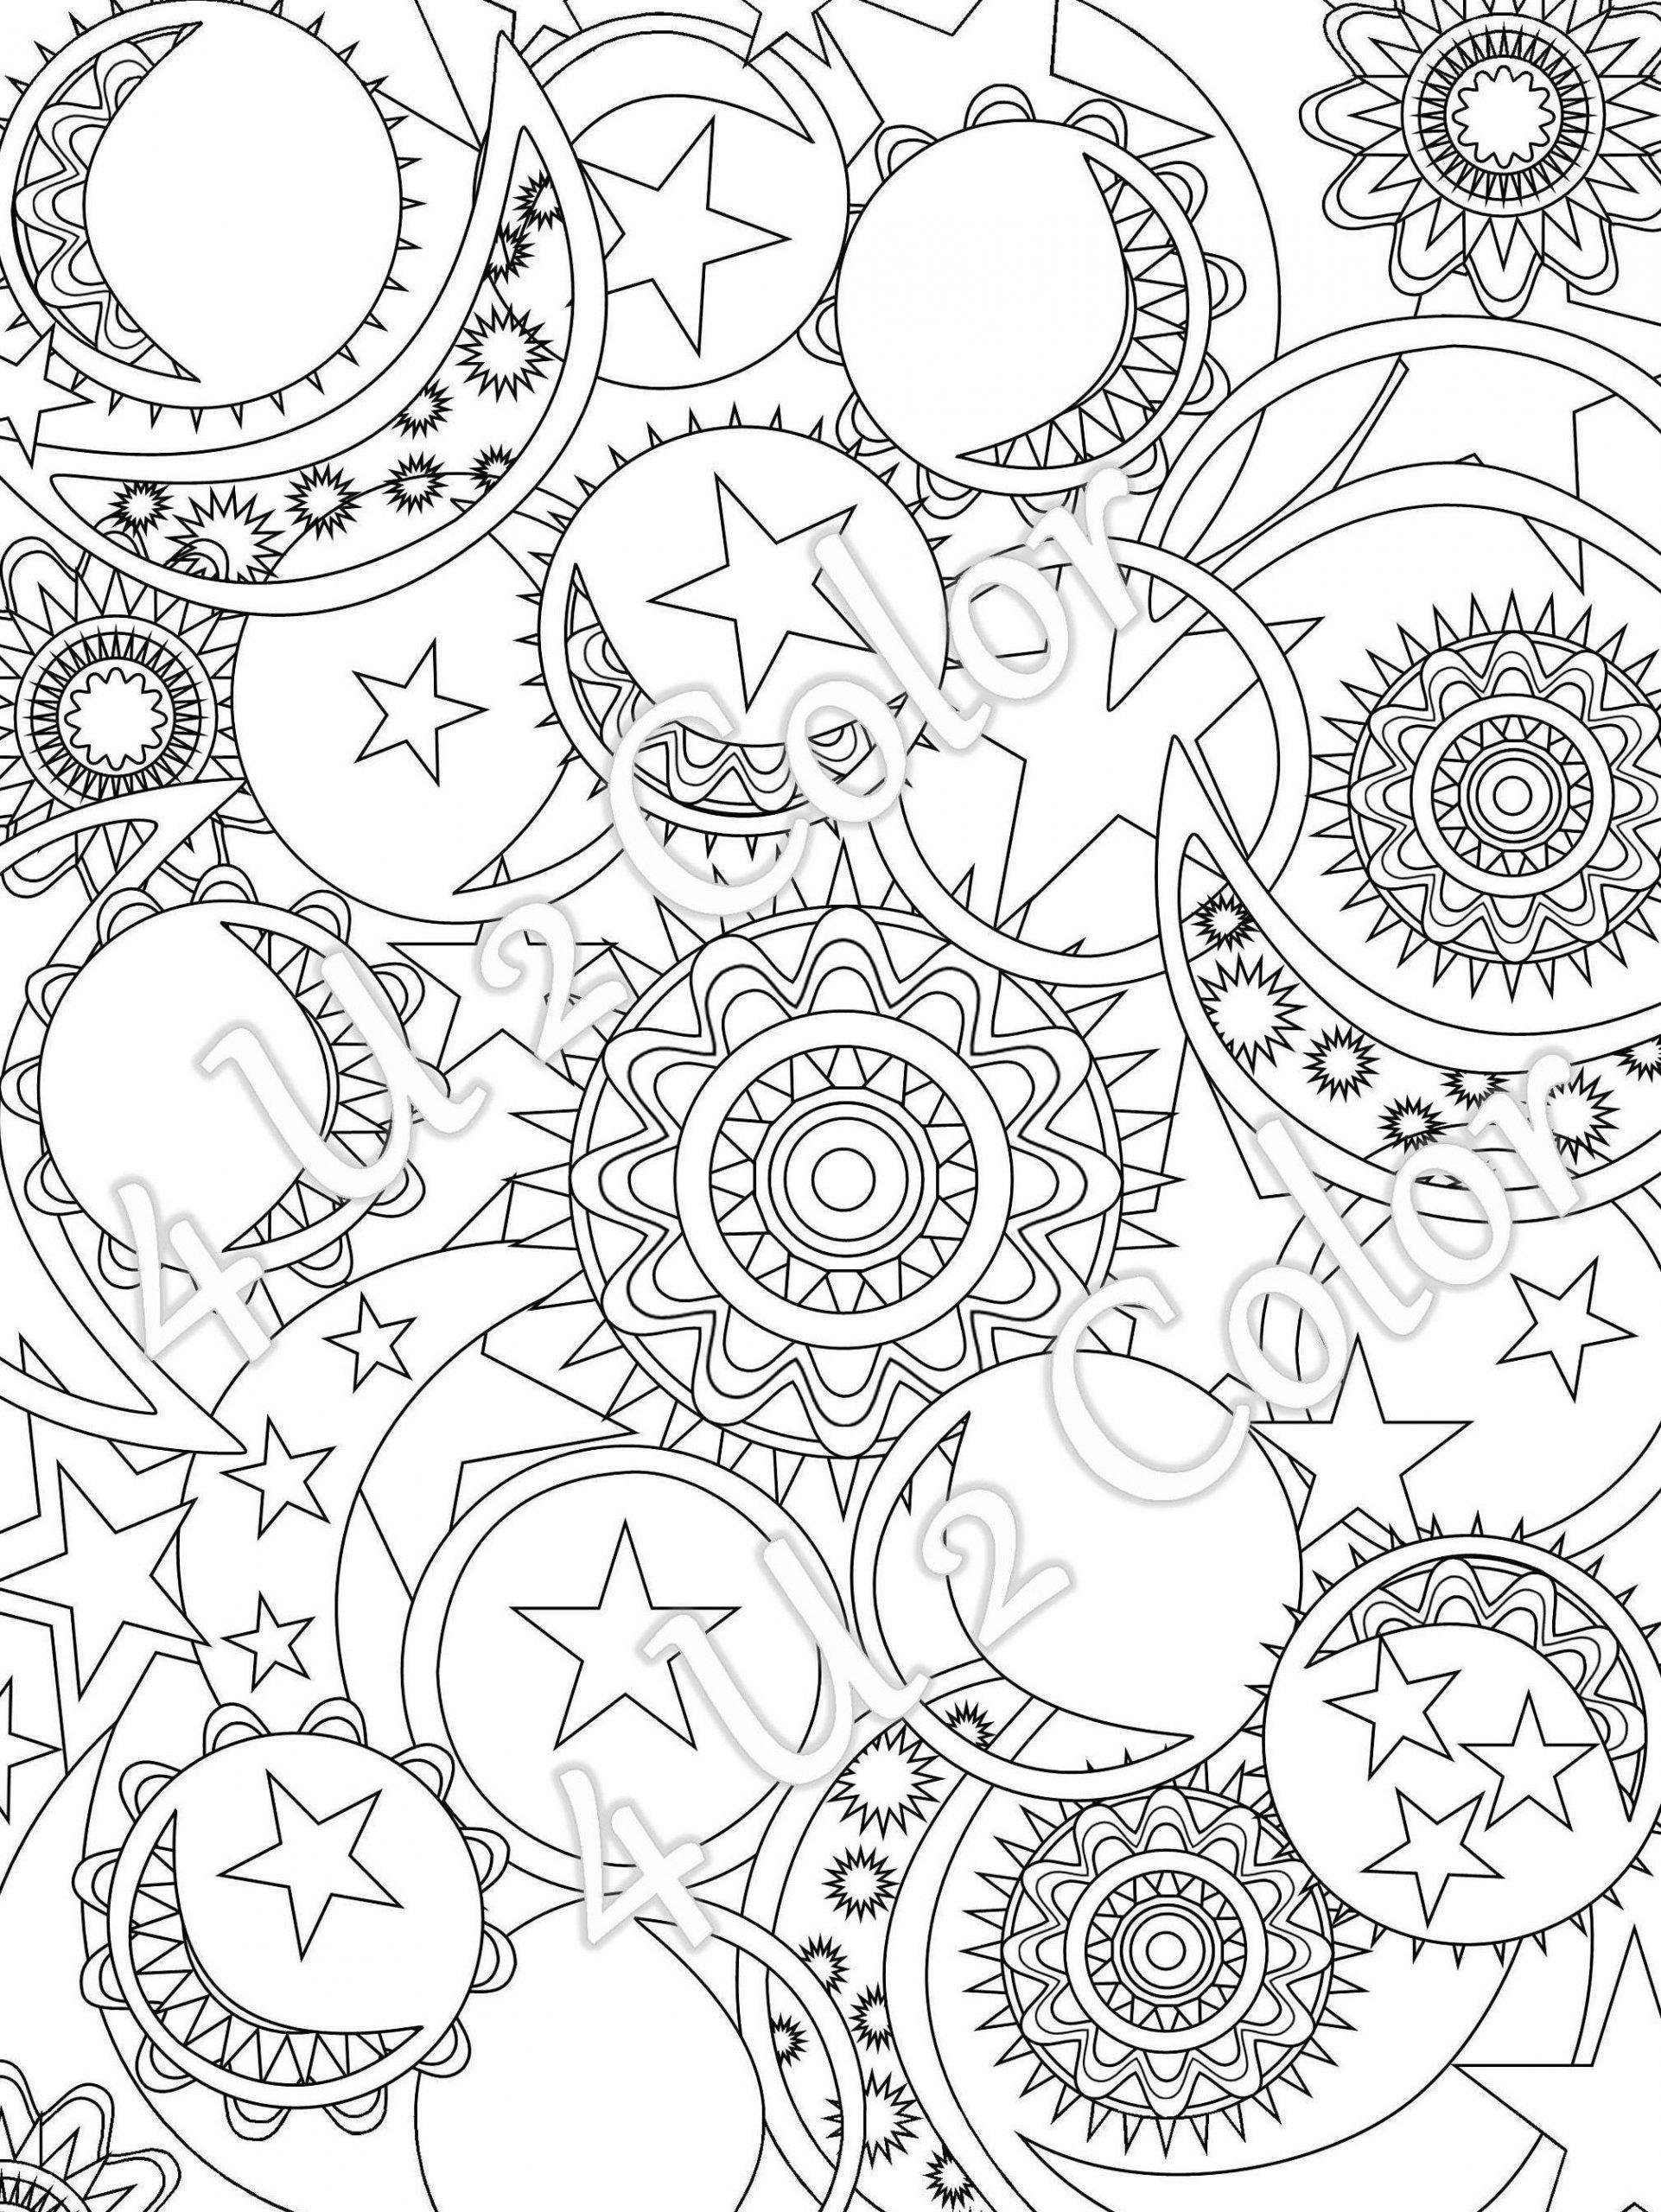 Star Mandala Coloring Pages Sun Moon Stars 1 Coloring Page Sun Moon Stars In 2020 Star Coloring Pages Sun Coloring Pages Moon Coloring Pages